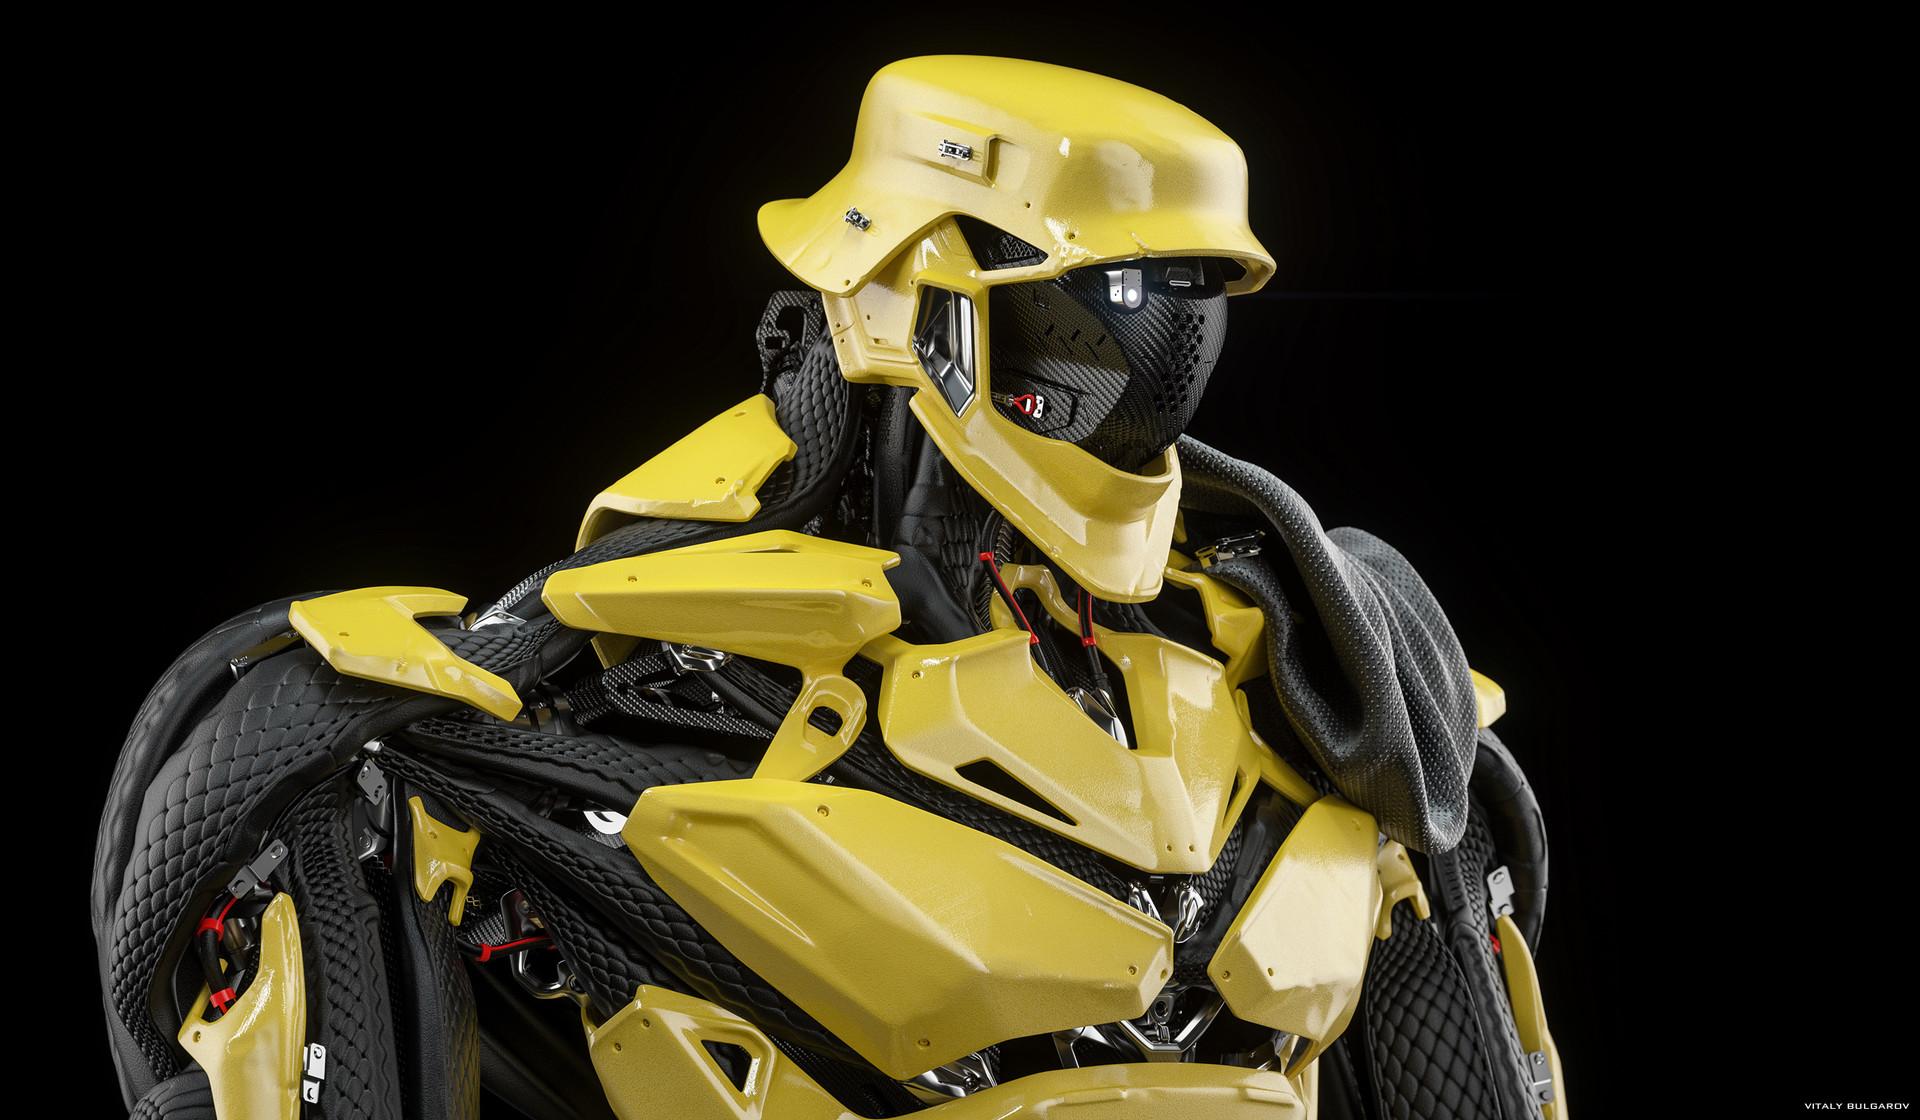 vitaly-bulgarov-gladiatorrobot-03.jpg